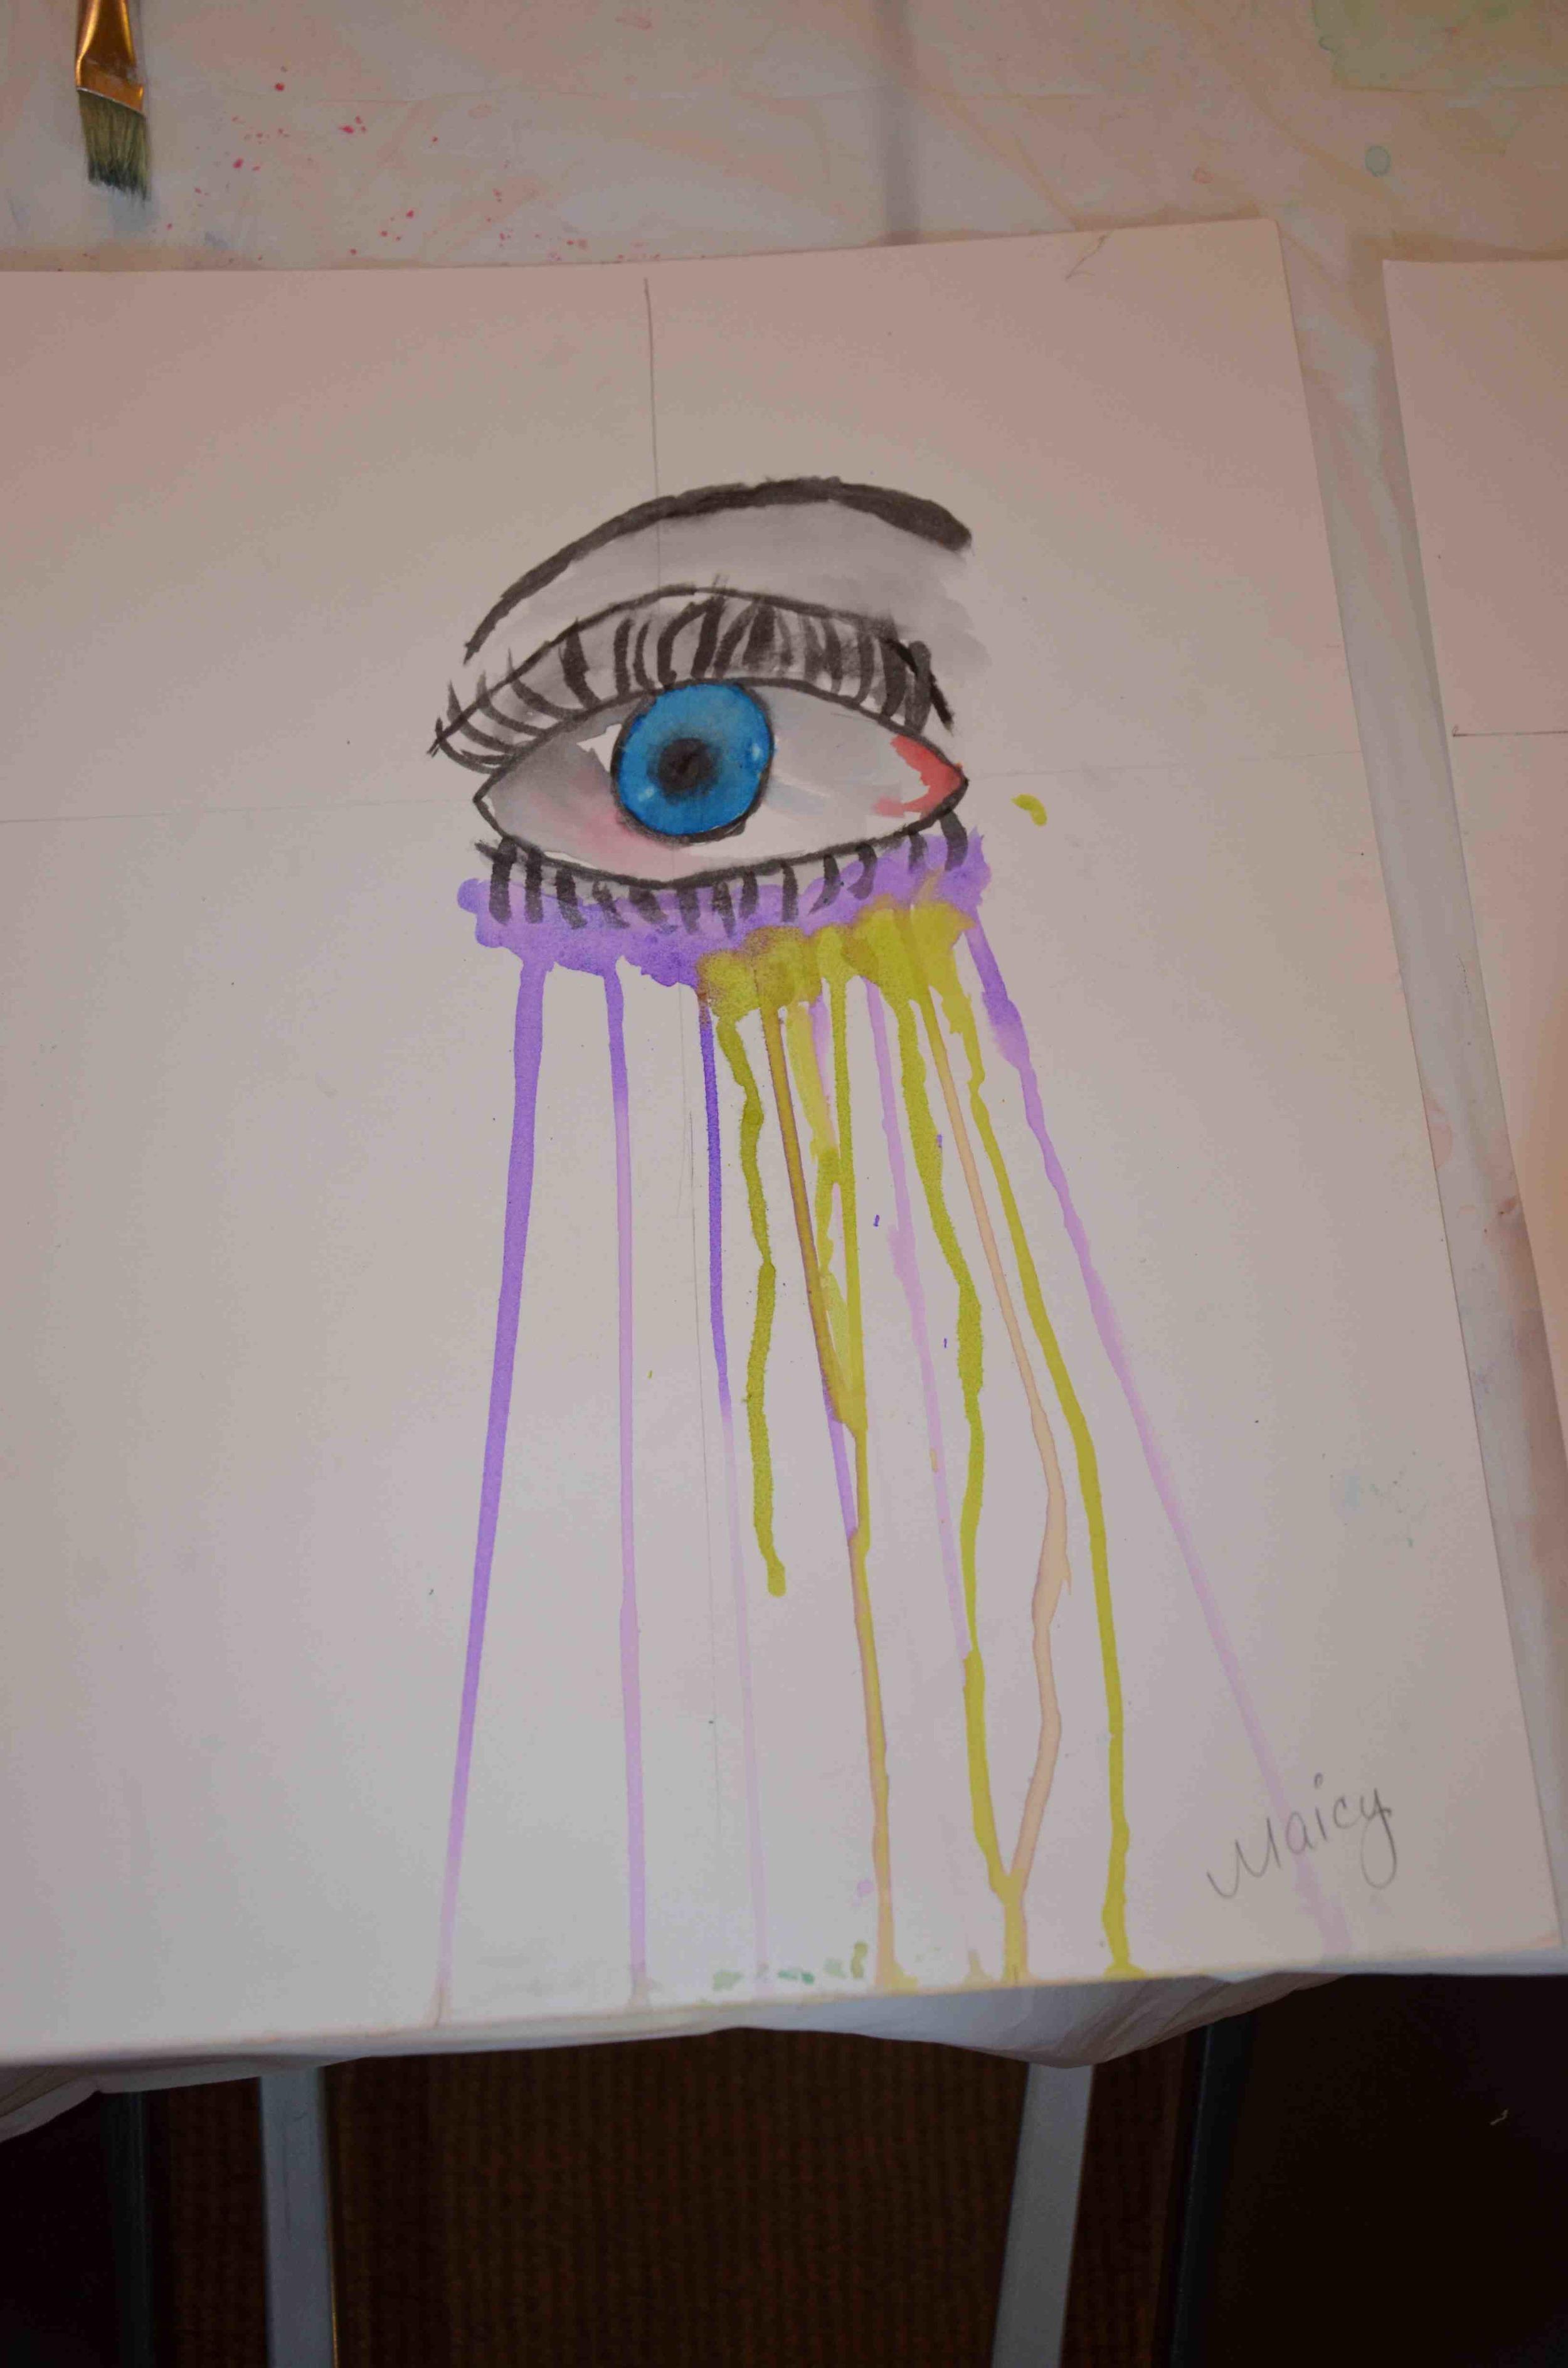 Splash eyes 3.jpg